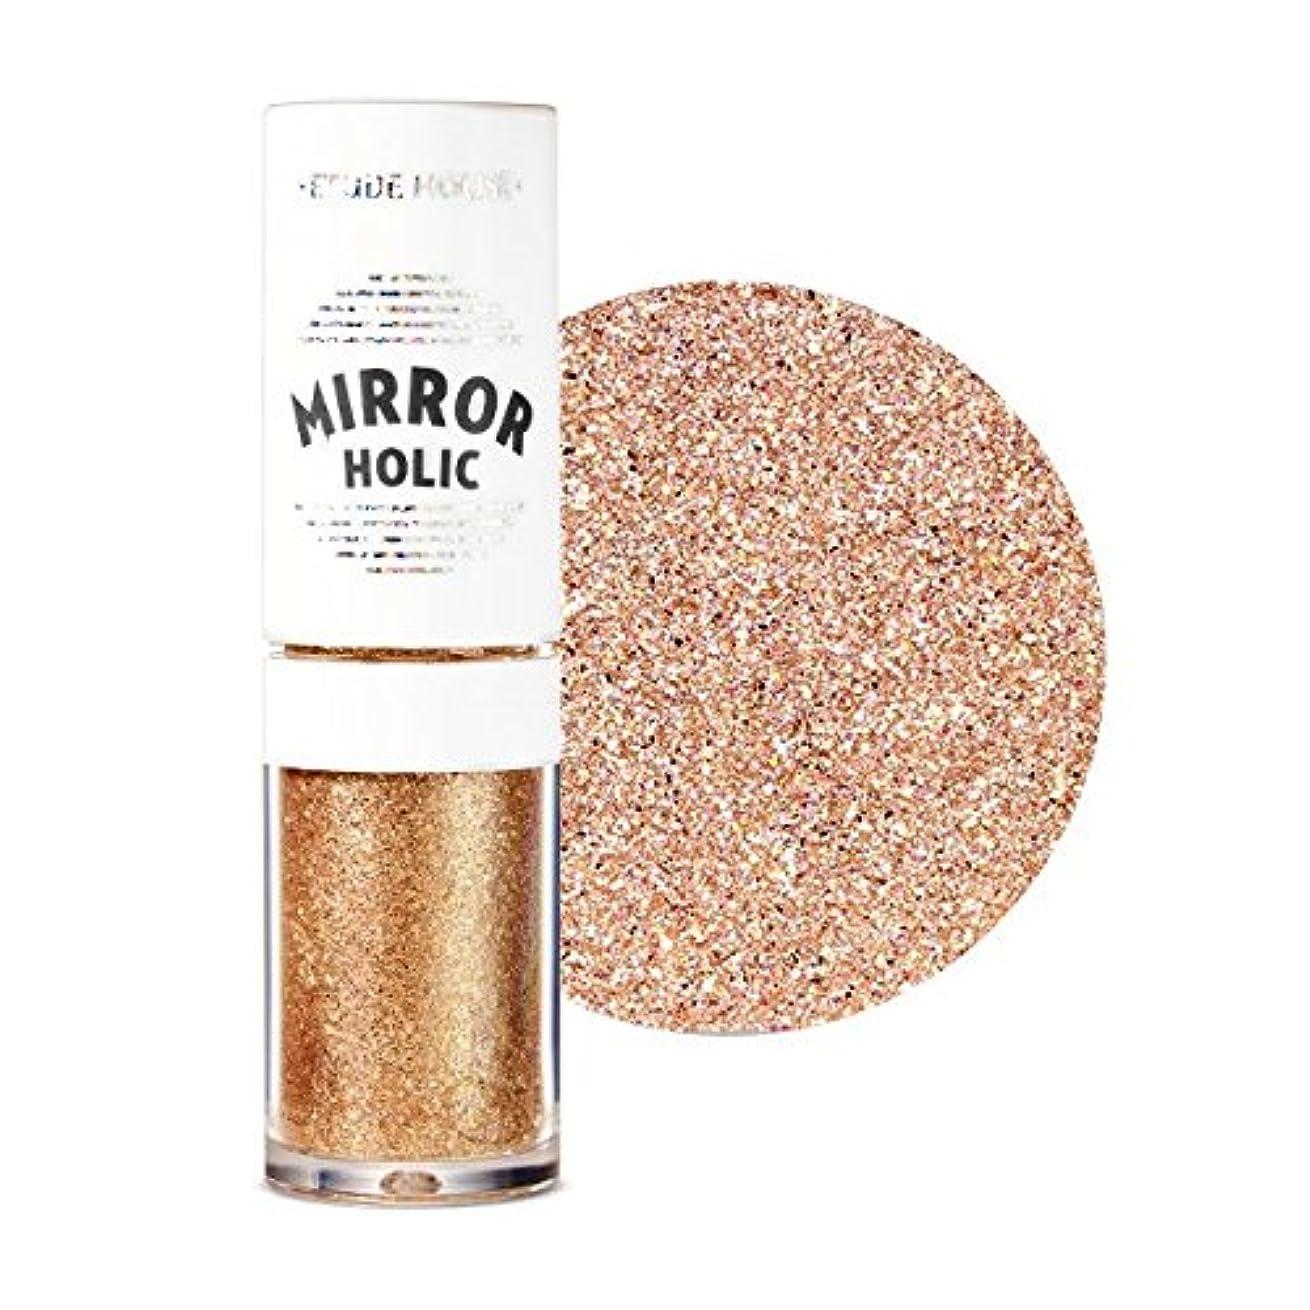 スリップランクエジプトETUDE HOUSE Mirror Holic Liquid Eyes / エチュードハウス ミラーホリックリキッドアイズ ミラーホリックリキッドアイズ (BE101) [並行輸入品]